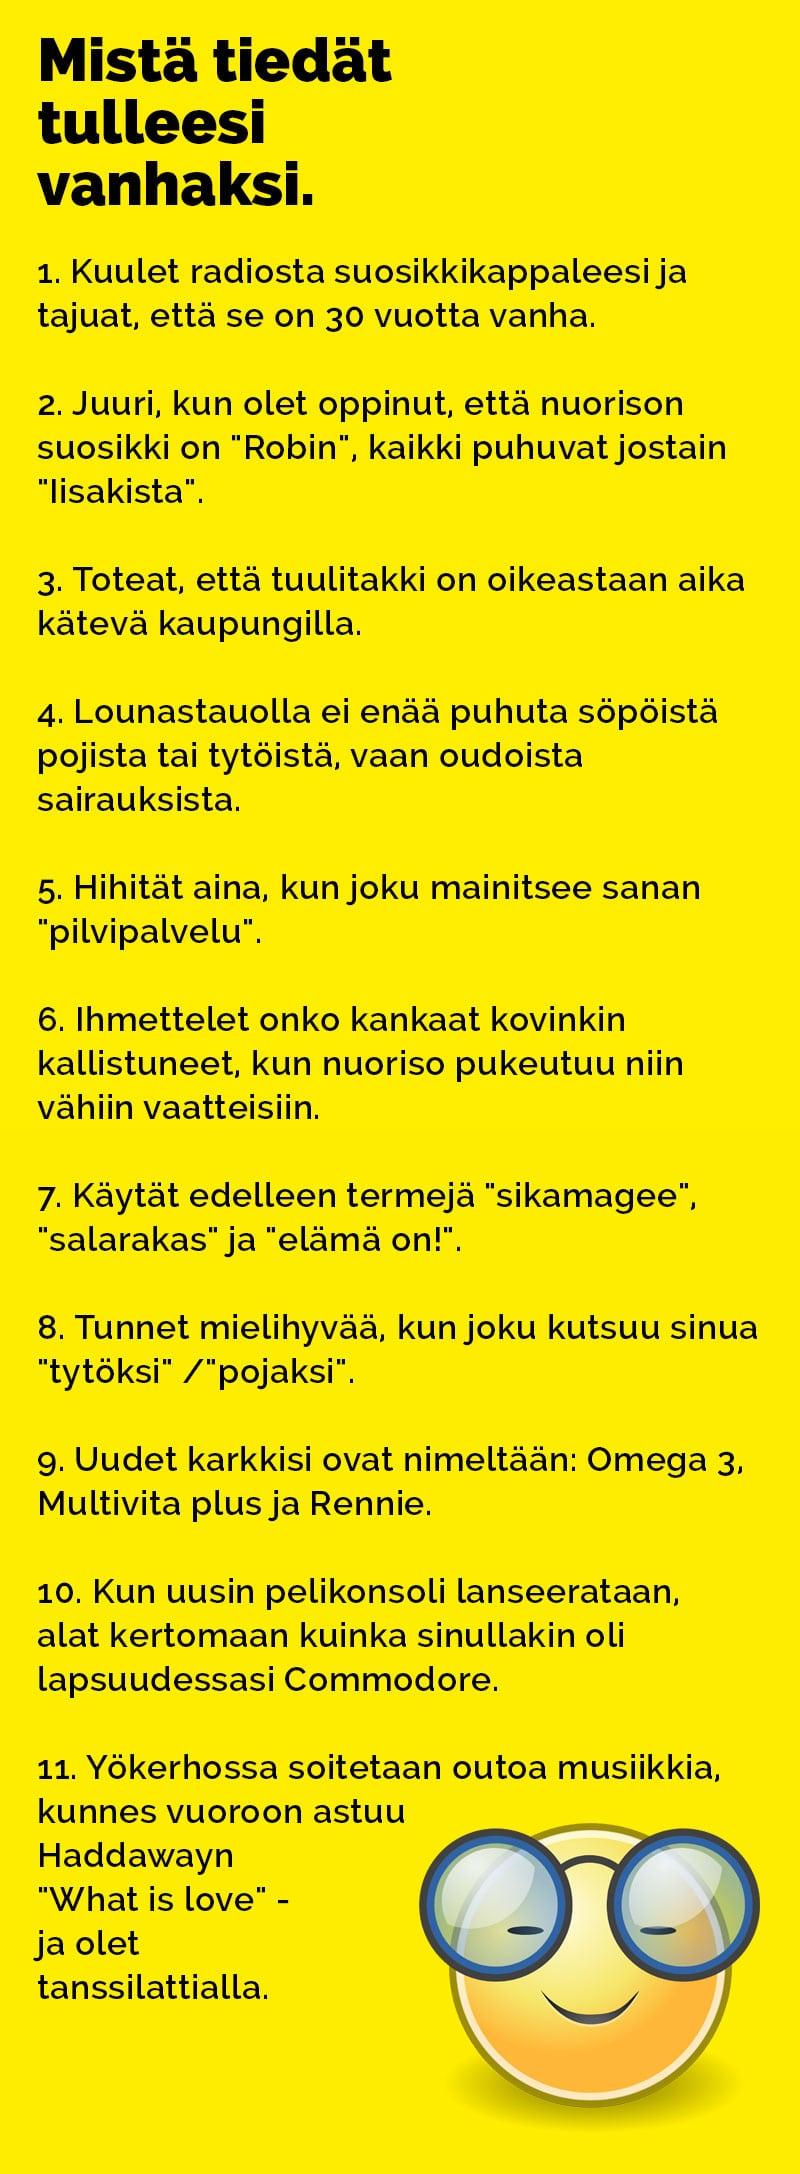 mista_tiedat_tulleesi_vanhaksi_2